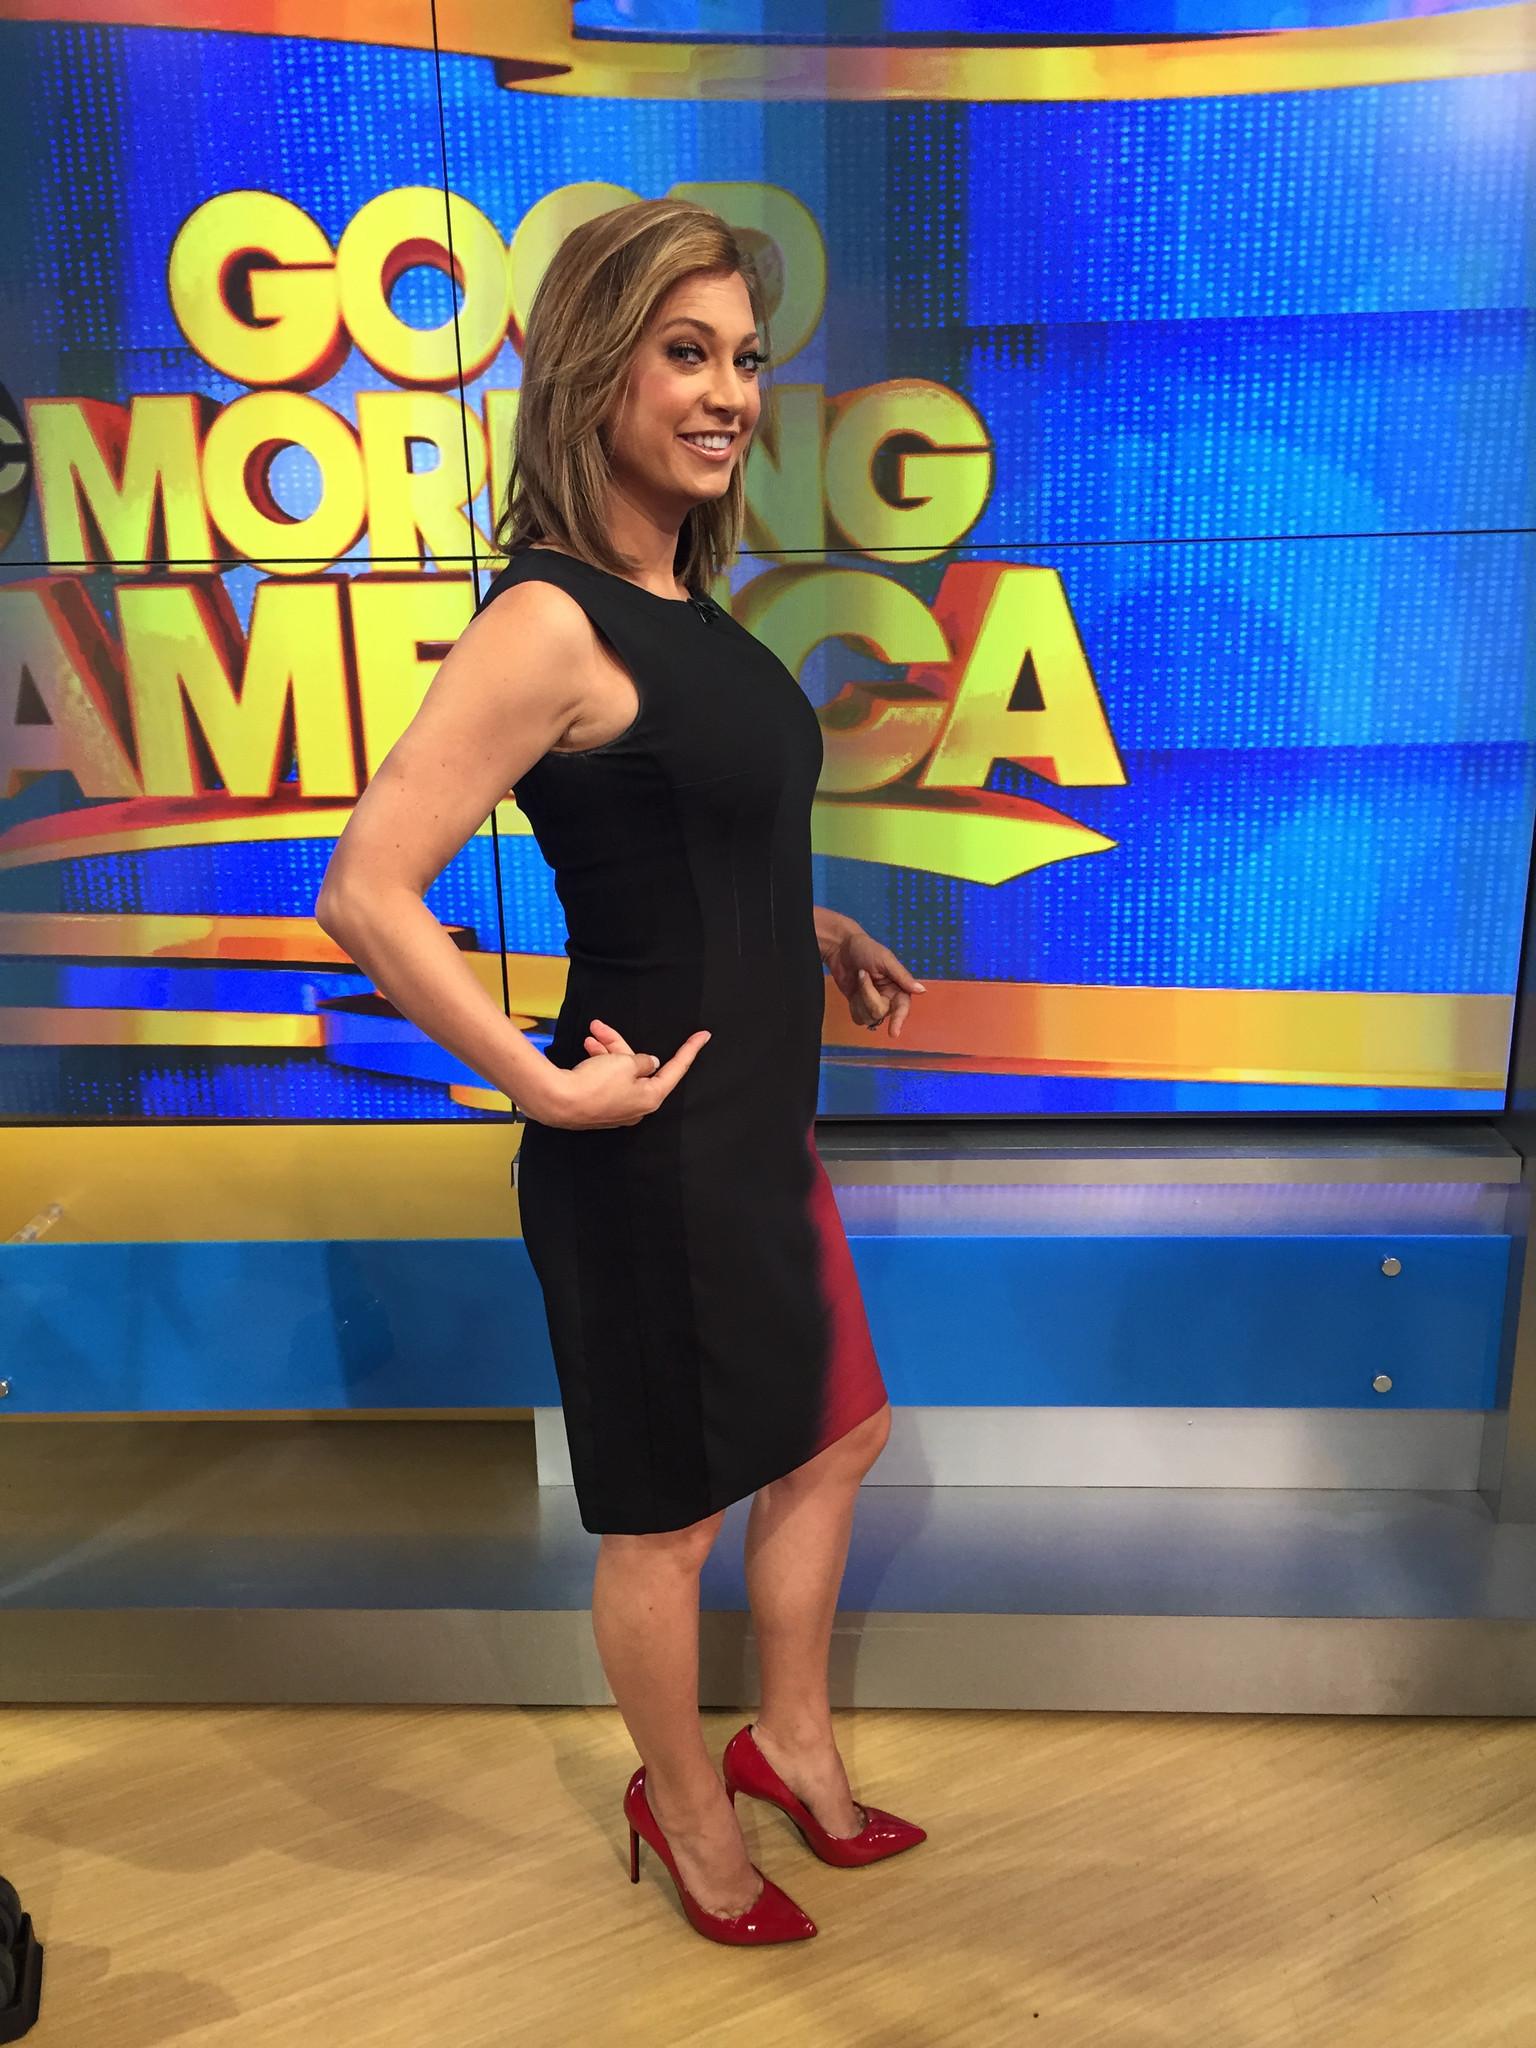 'Good Morning America' meteorologist Ginger Zee gives